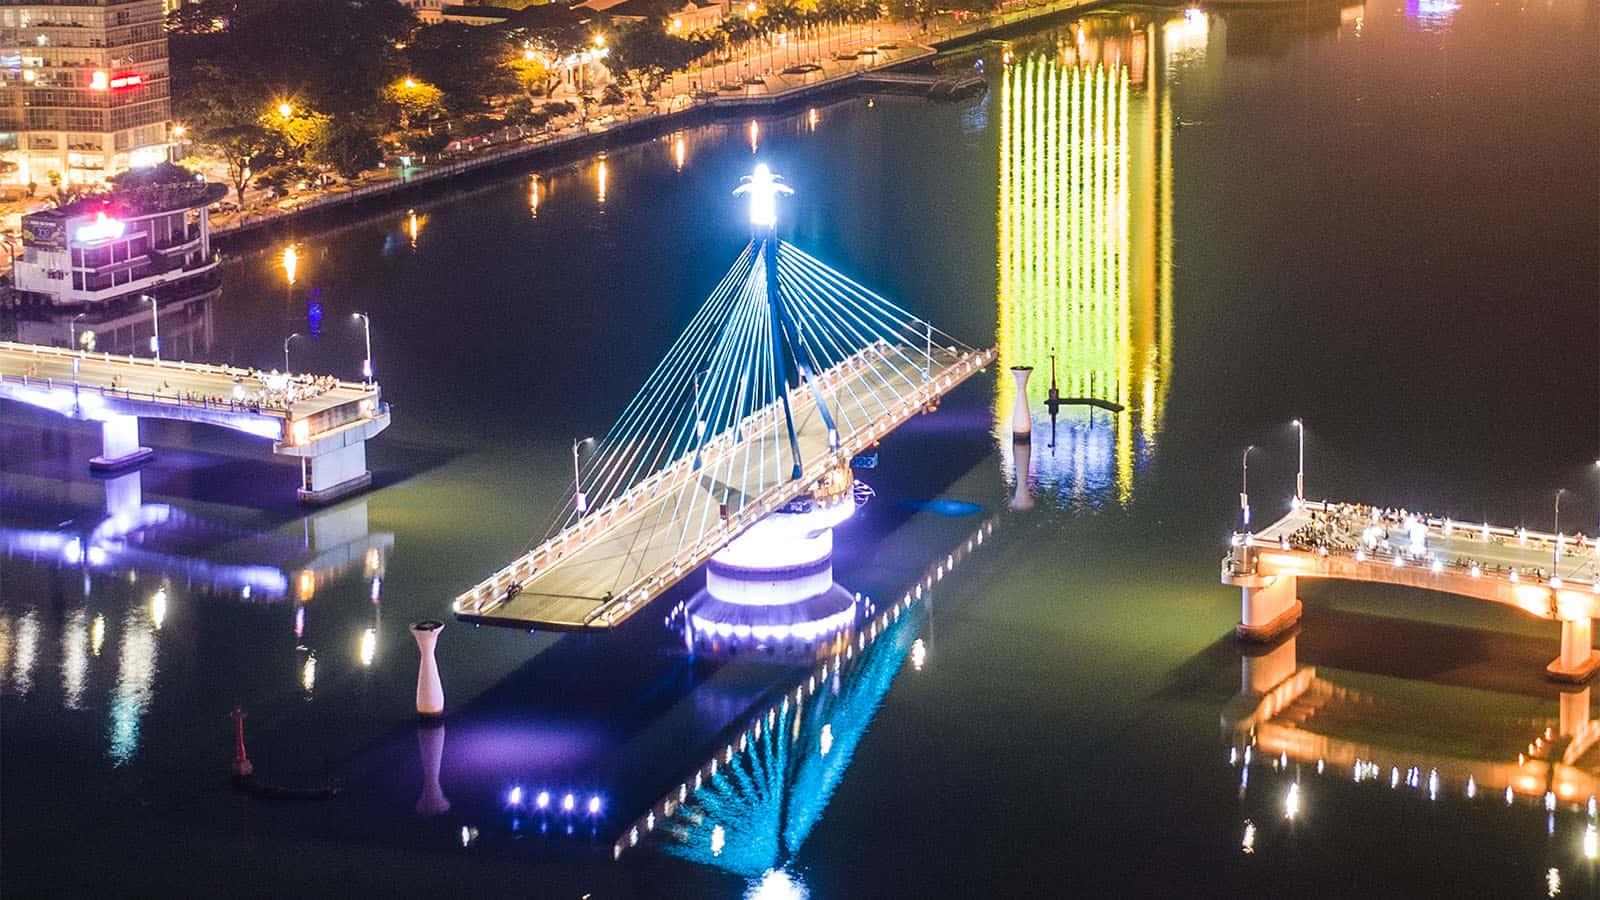 cau song han da nang 13 min - Review Cầu Sông Hàn Đà Nẵng: Thời Gian Quay, Cách Đi Đến